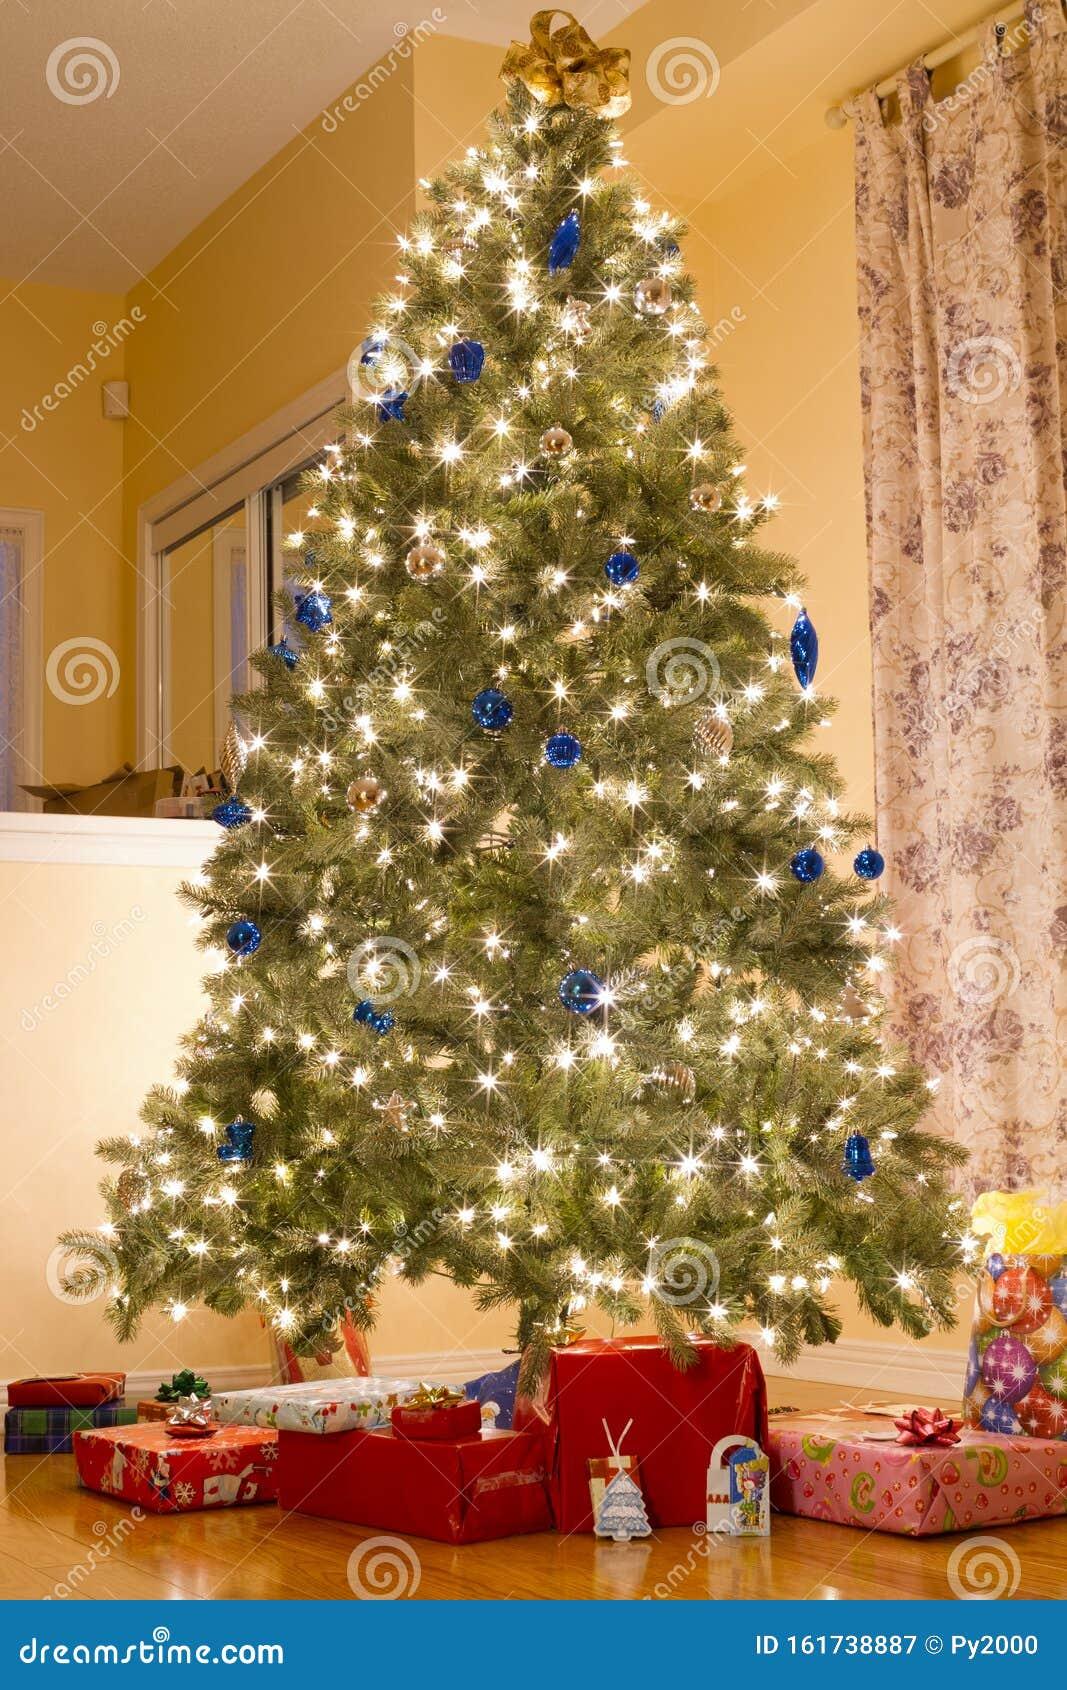 weihnachtsbaum mit geschenken stockbild - bild von